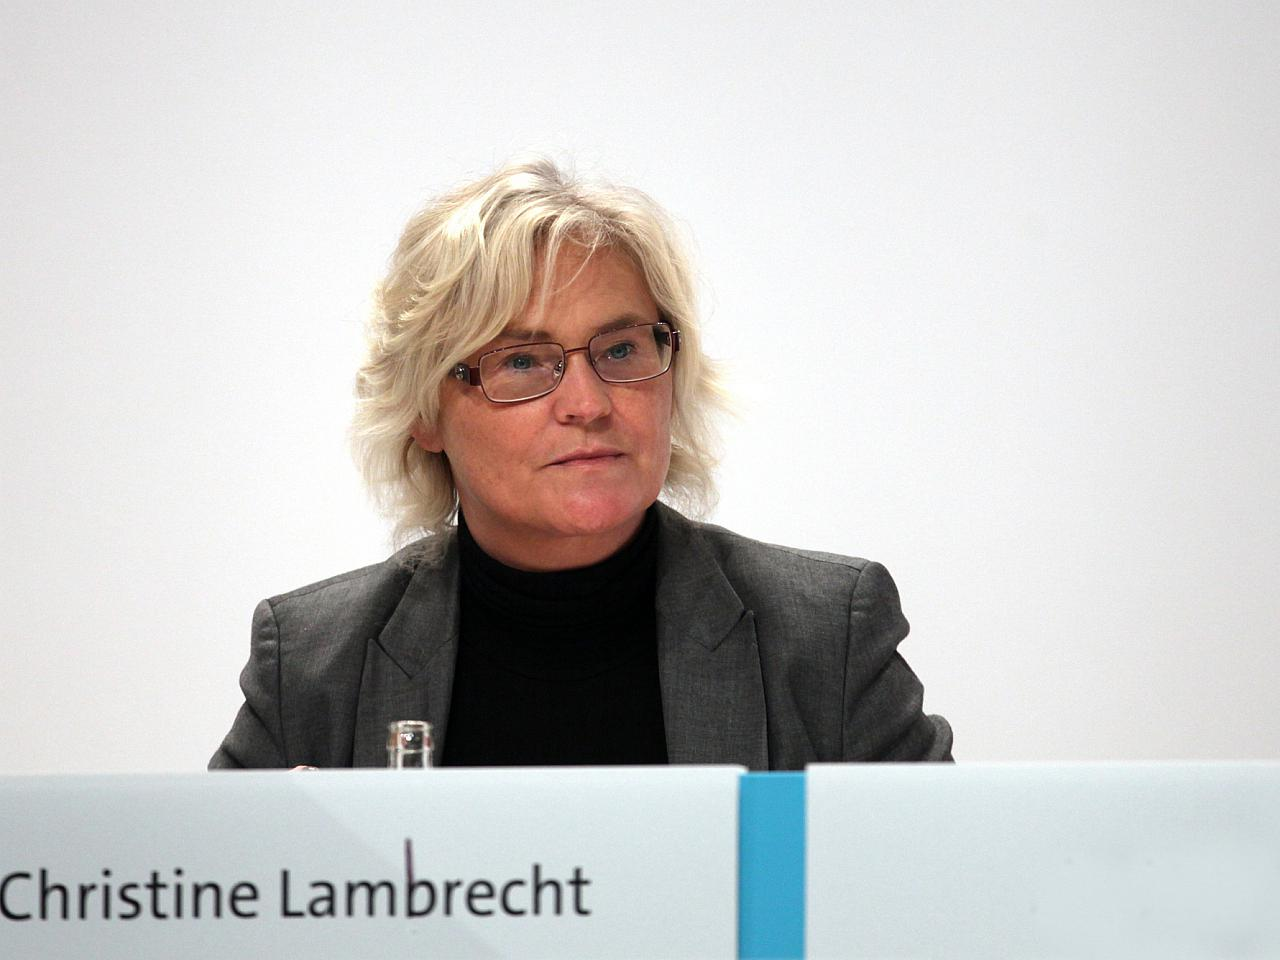 Lambrecht dringt auf Lösung im Streit um Whistleblower-Schutz